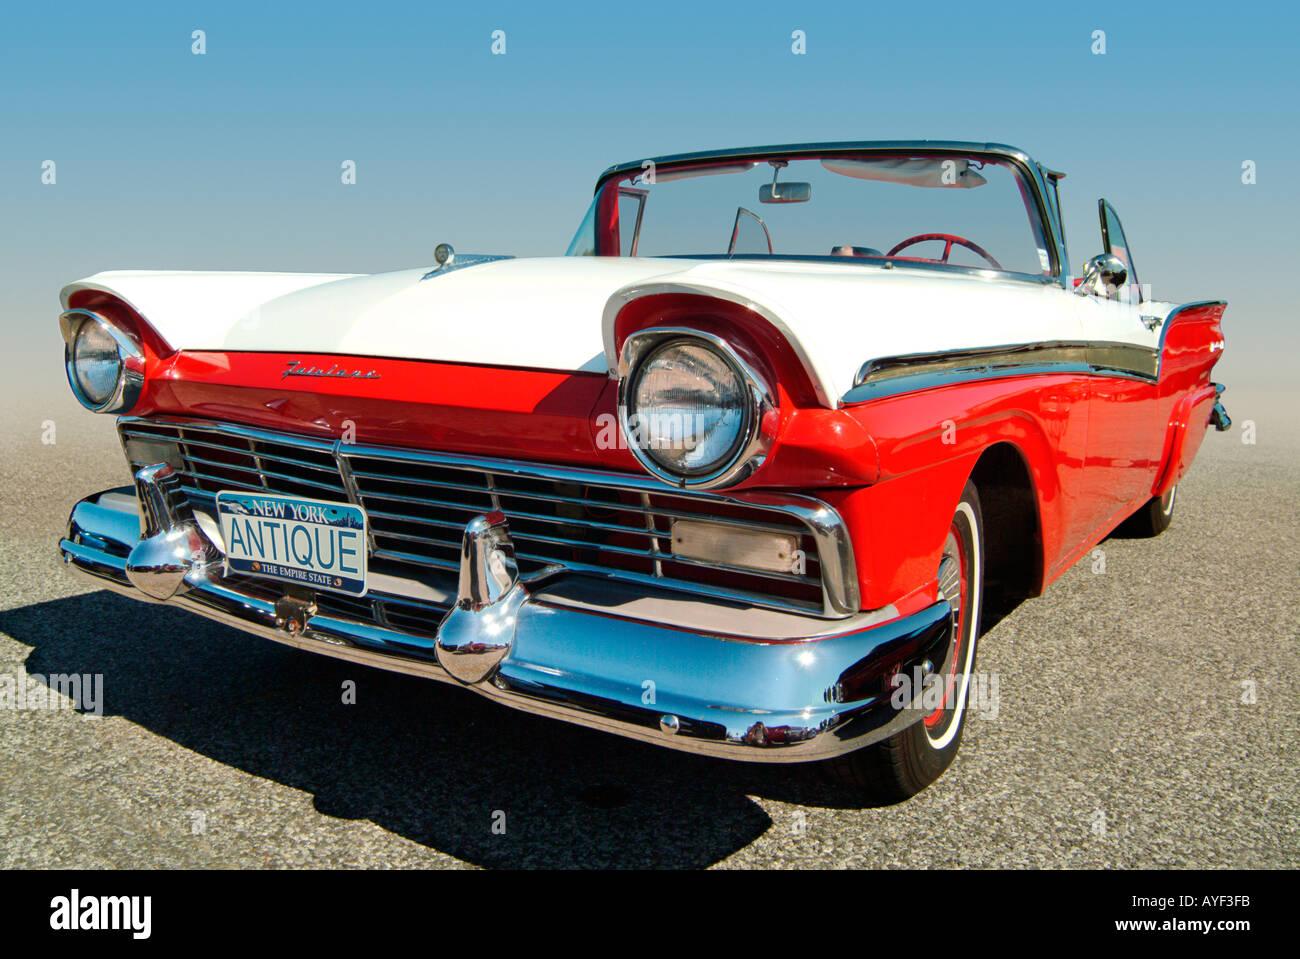 Eine rote und weiße 57 Ford Fairlane Original Kfz-Kennzeichen geändert, antike vom Fotografen Stockbild